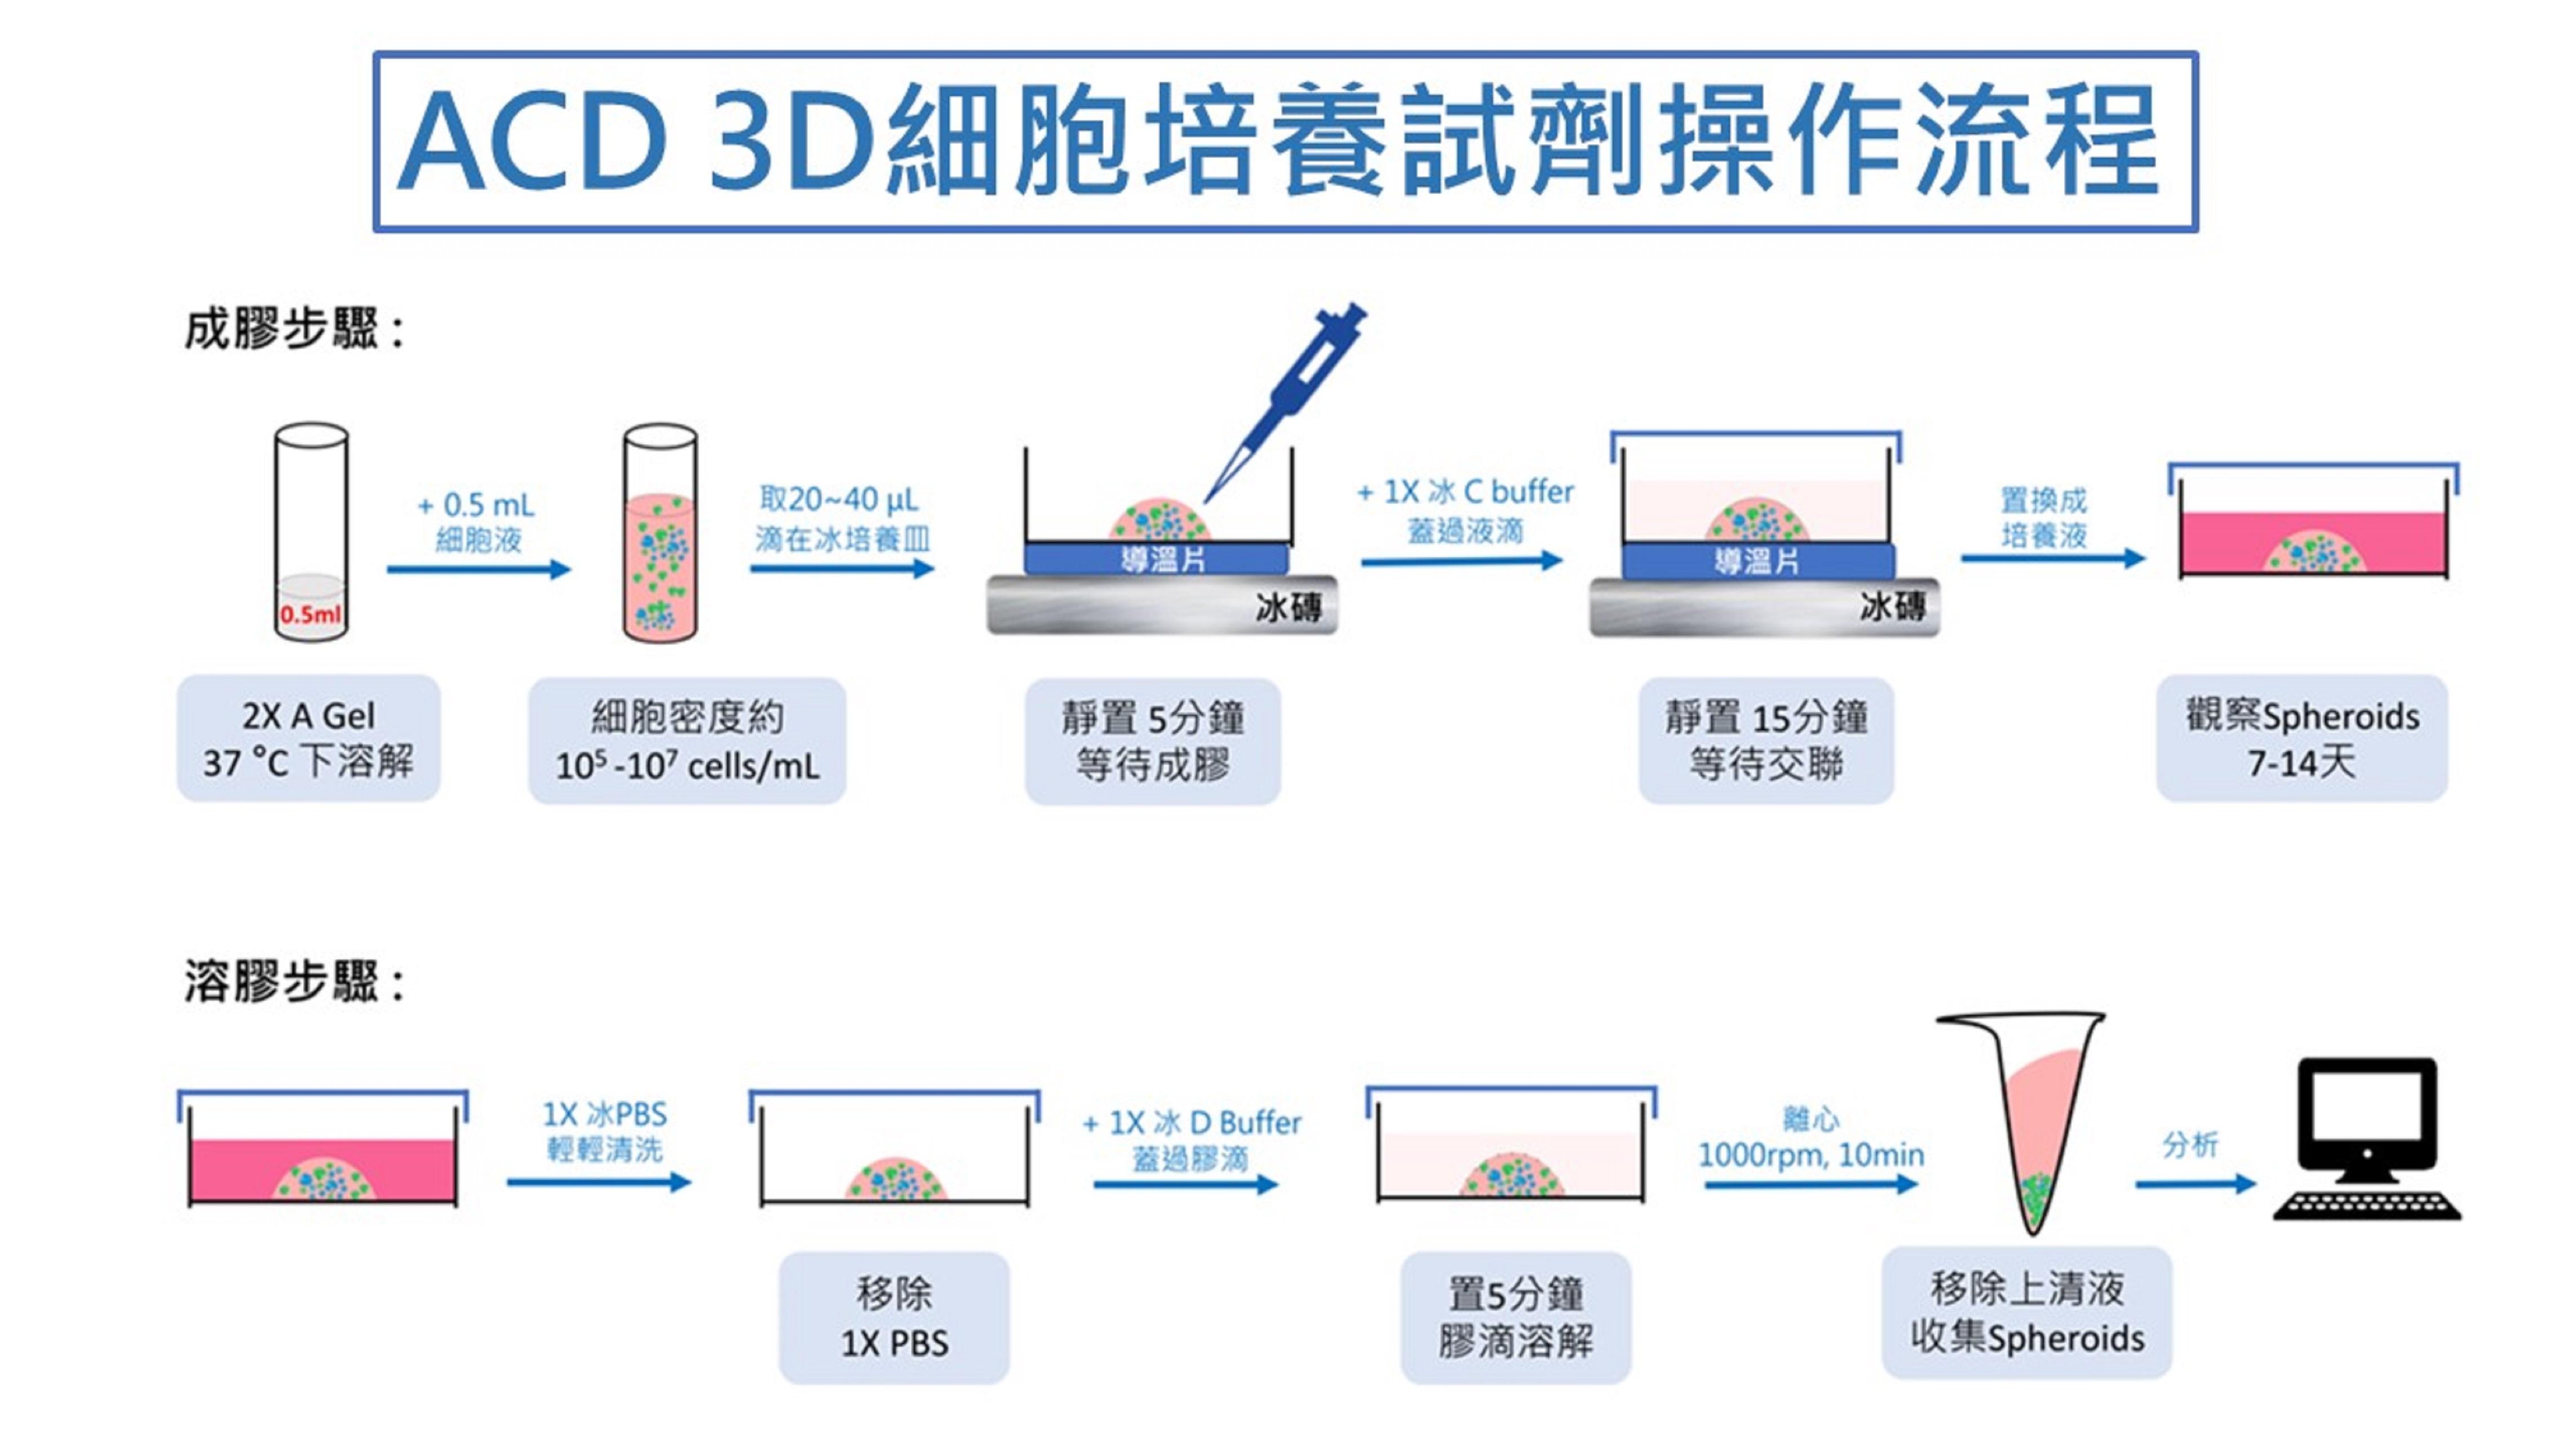 ACD_3D細胞培養試劑操作流程